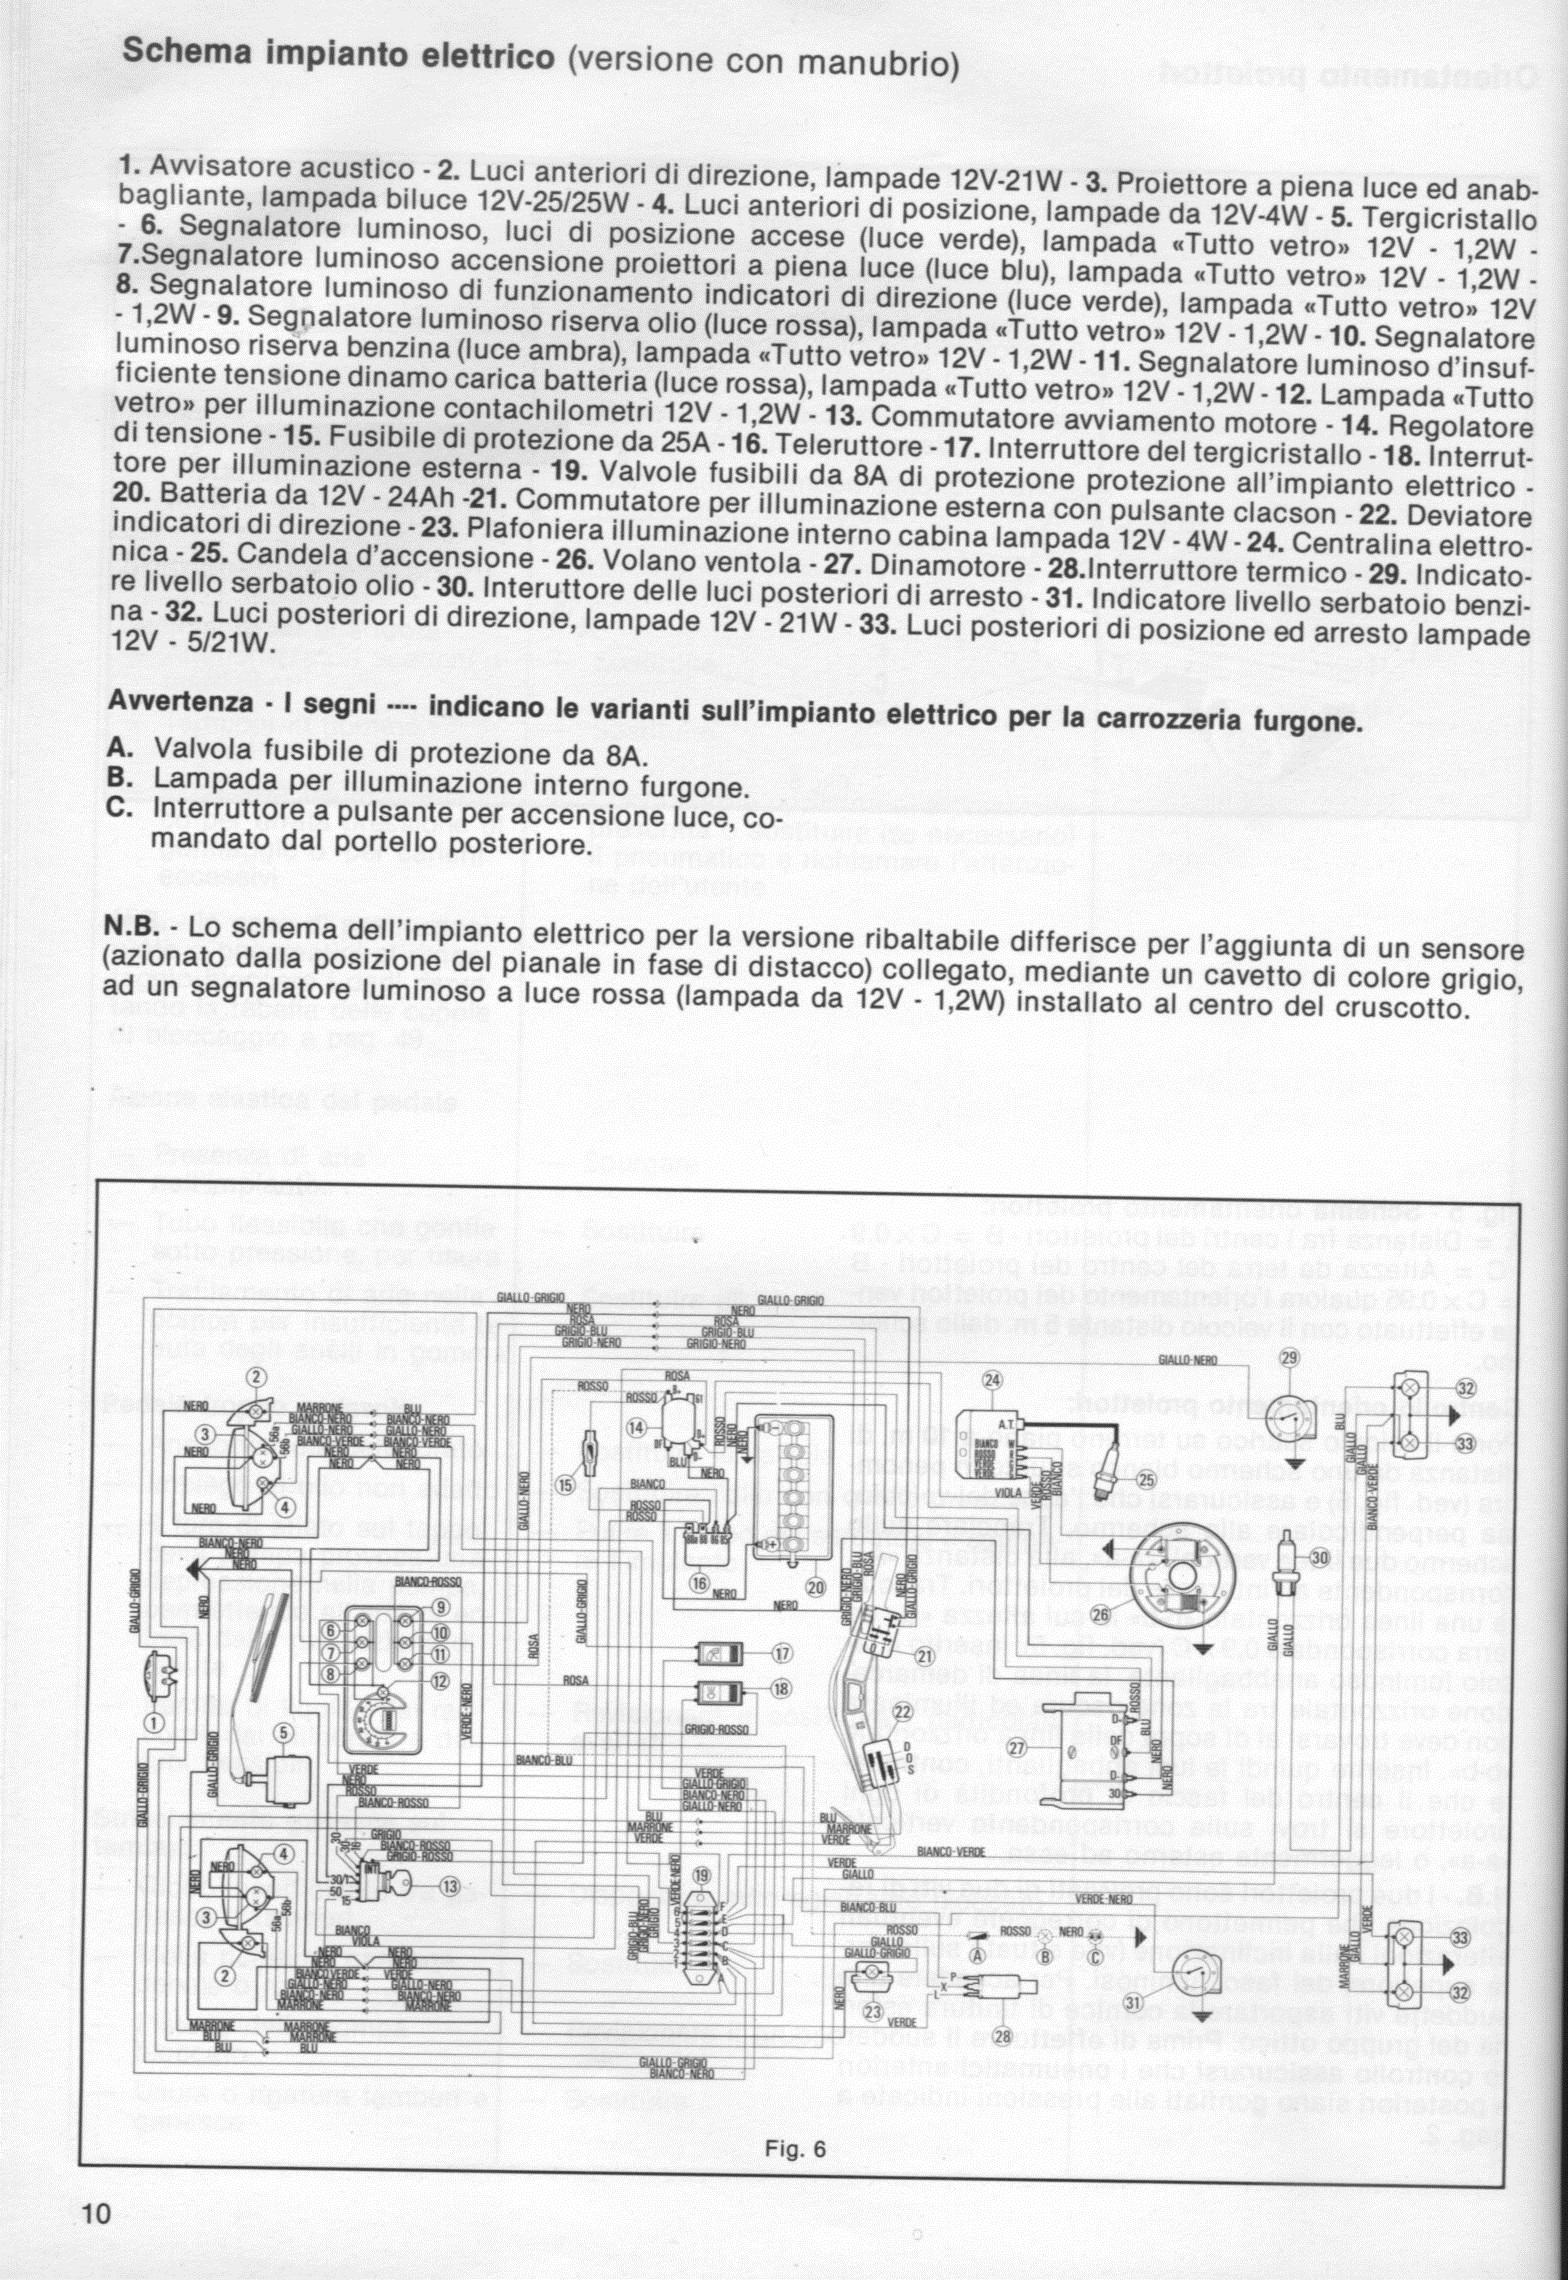 Schema Elettrico Max 250 : Tecnica ape piaggio tm p703 atm2 atm3: caratteristiche schemi